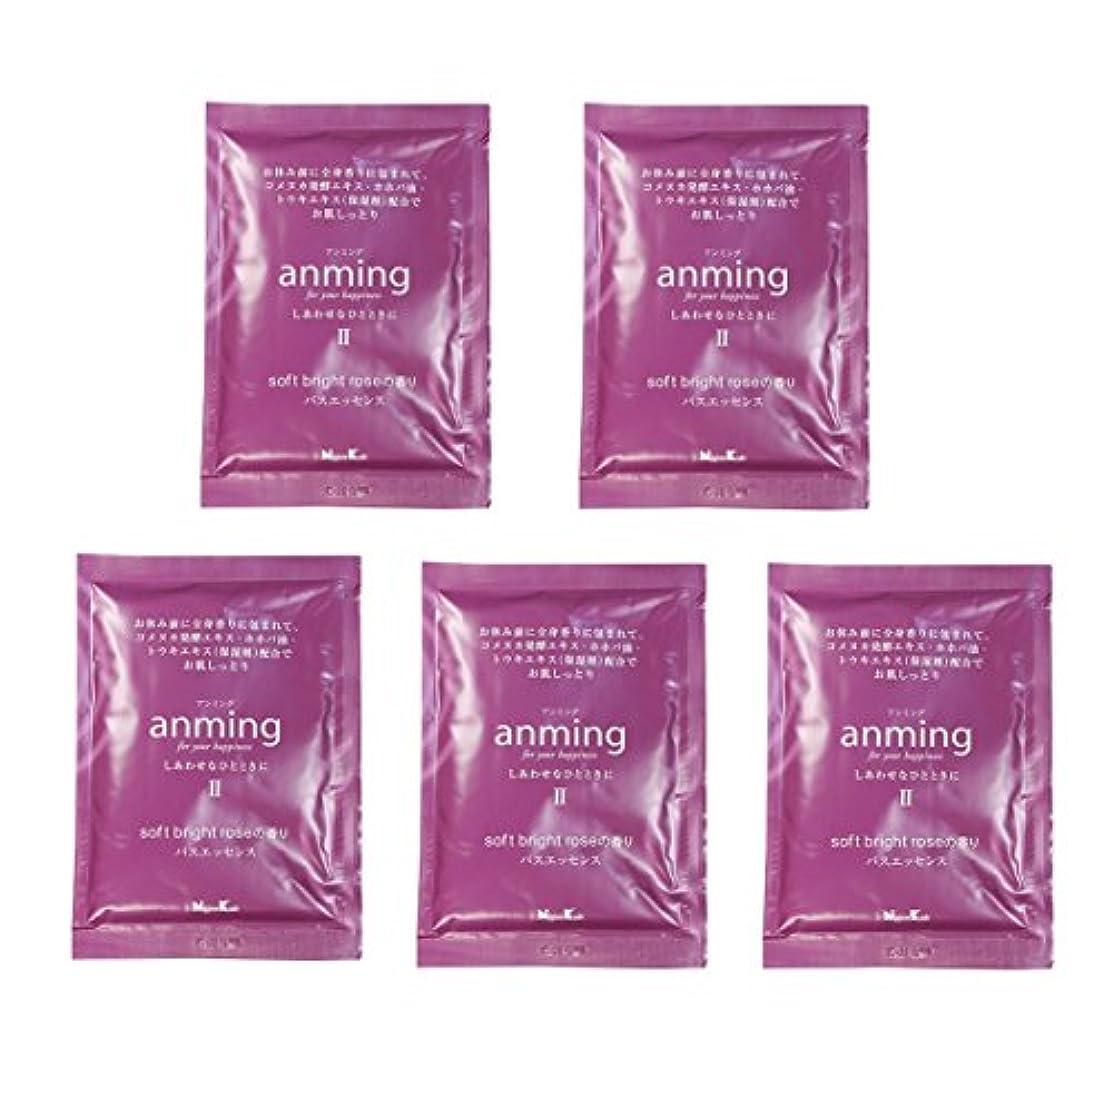 事業内容リアルルーム【X5袋セット】 anming アンミング Ⅱバスエッセンス ミニタイプ 48ml